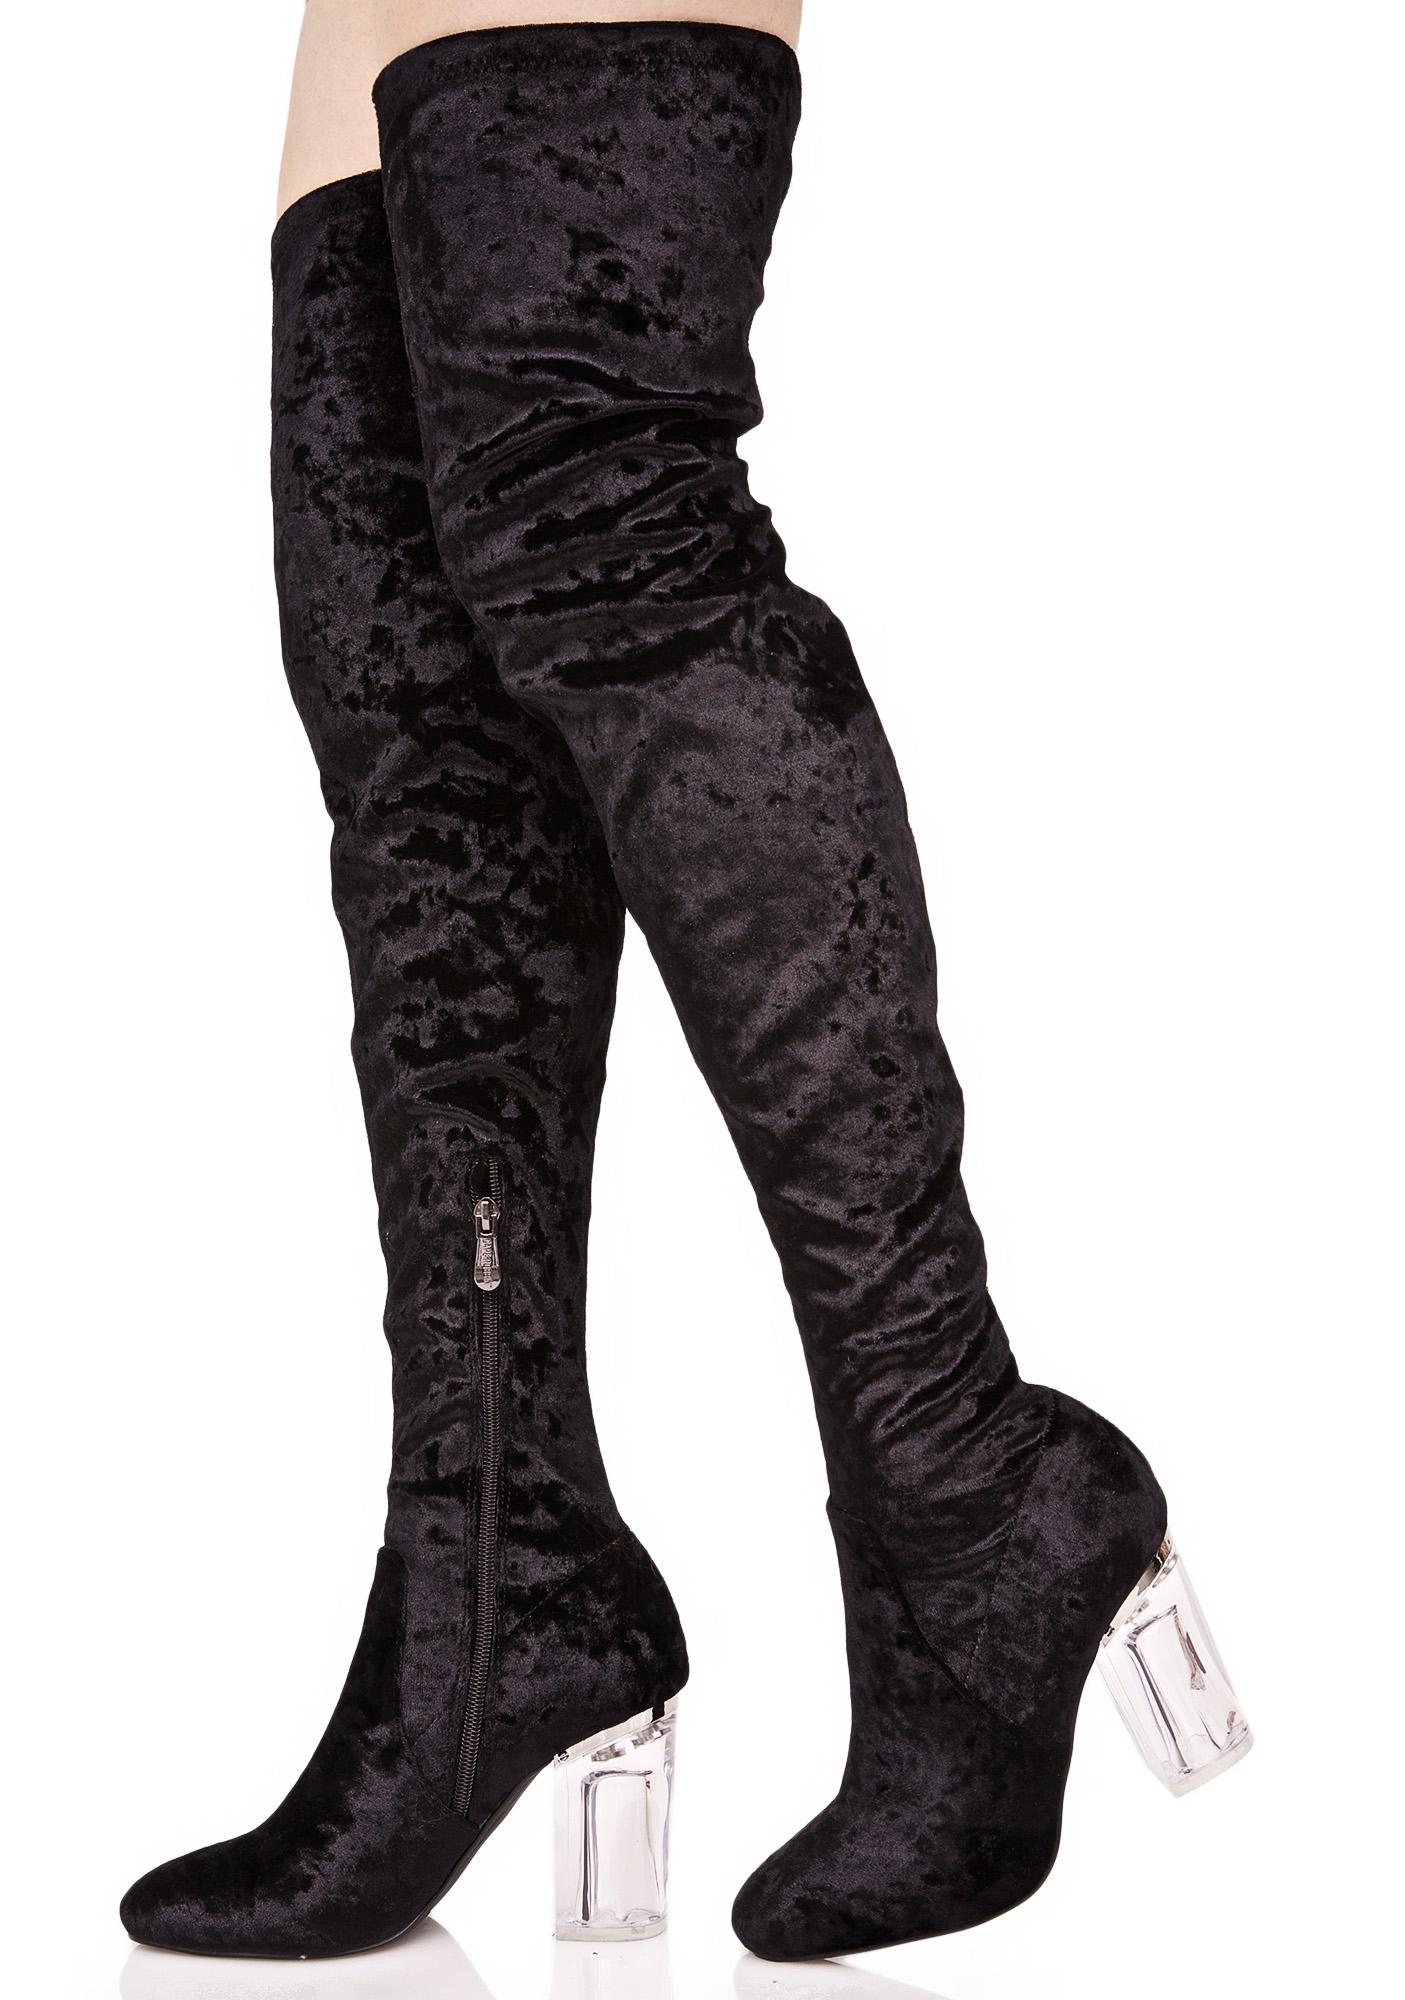 Black Velvet Lucite Thigh High Boots